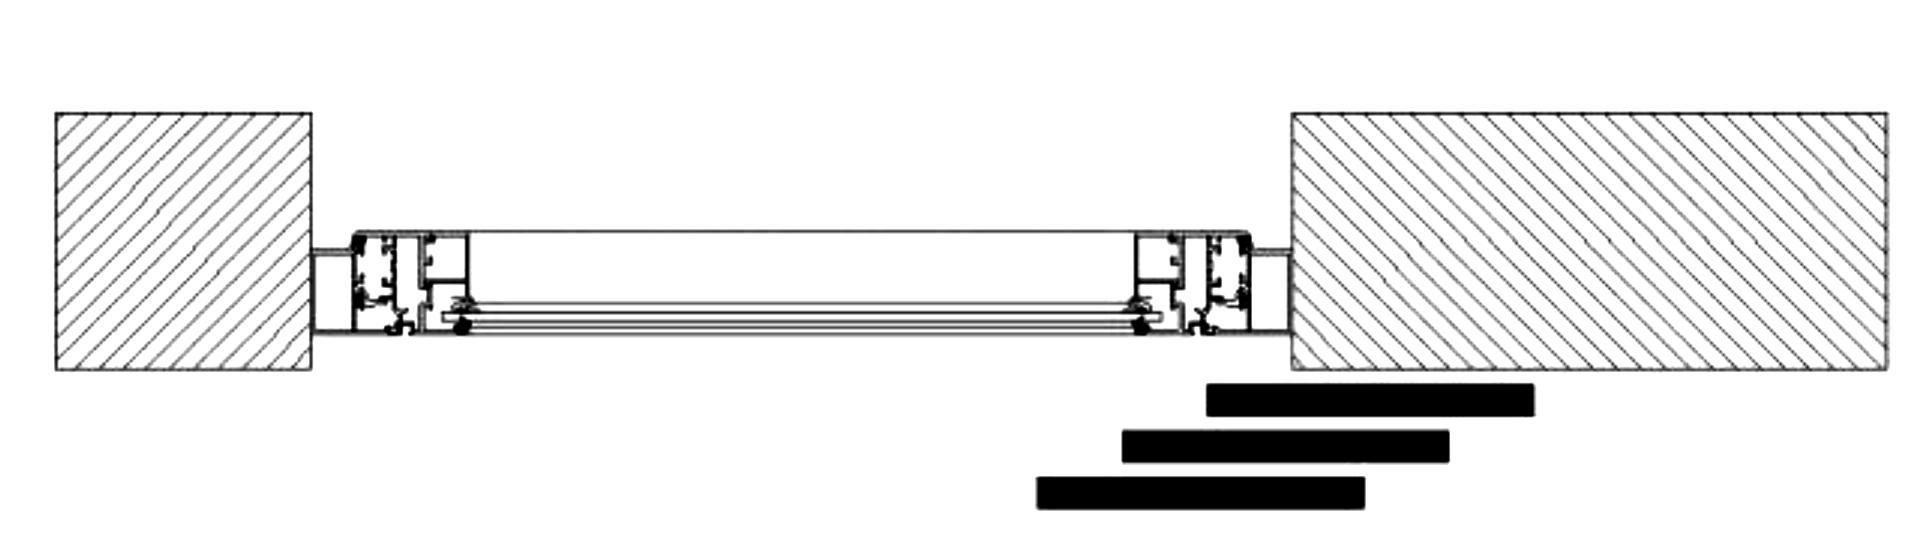 Sliding Shutters Division Diagram 3l3r